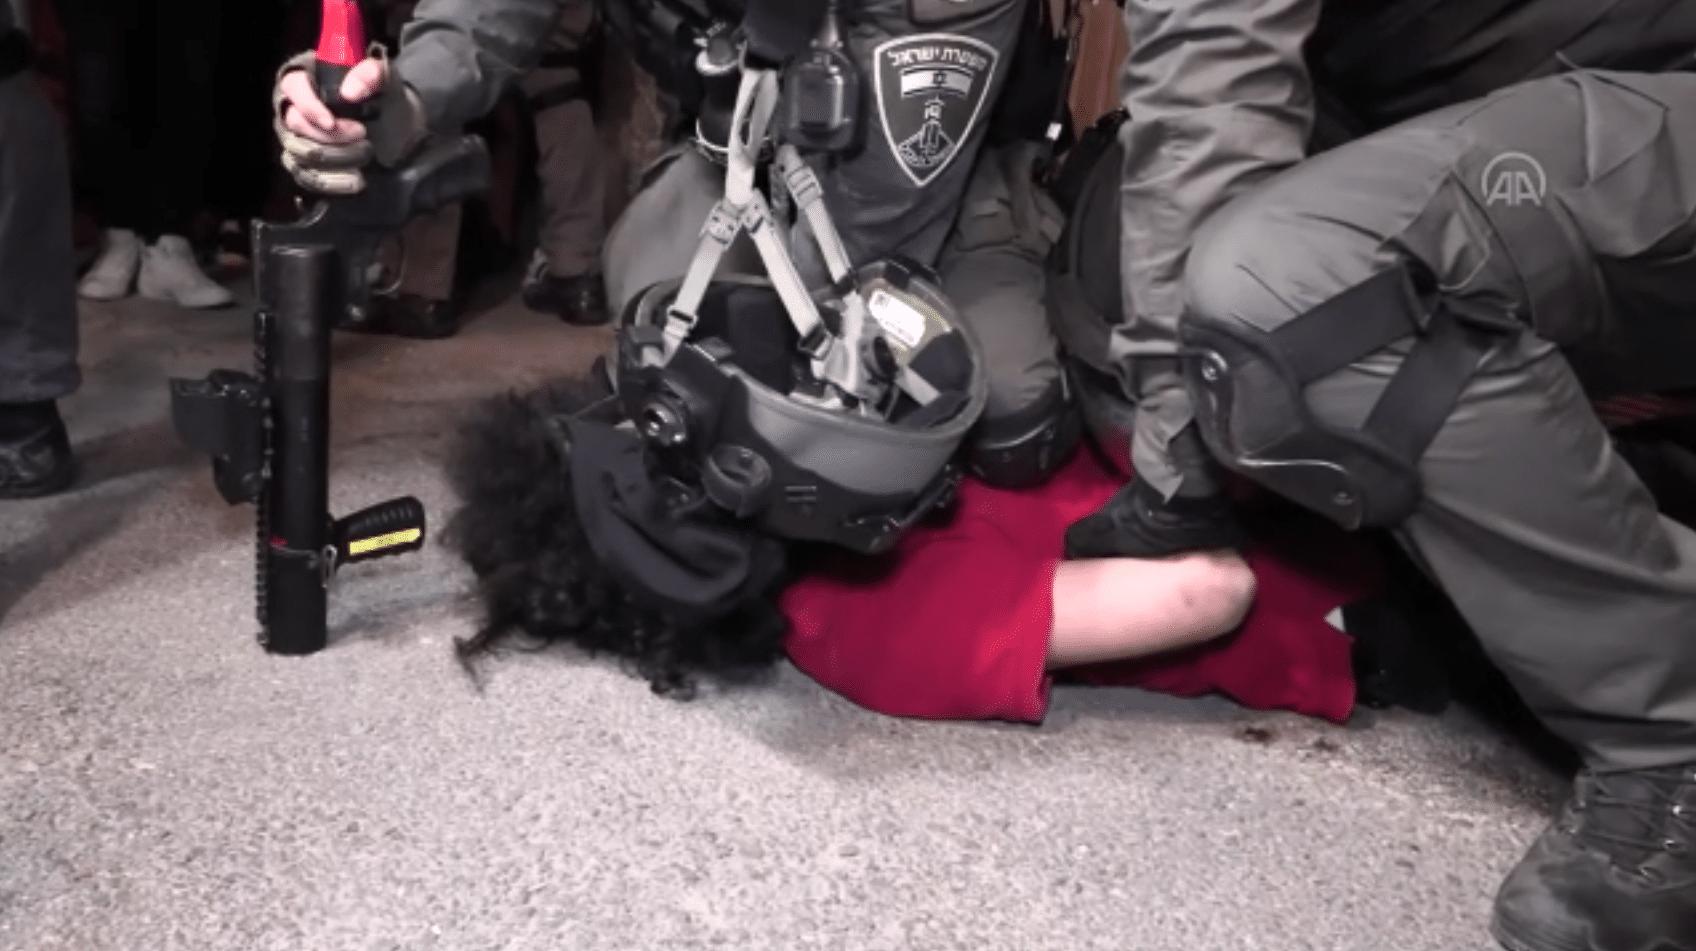 (ولك خنقتني) قوات الاحتلال تعتقل مقدسياً على طريقة جورج فلويد في الشيخ جراح